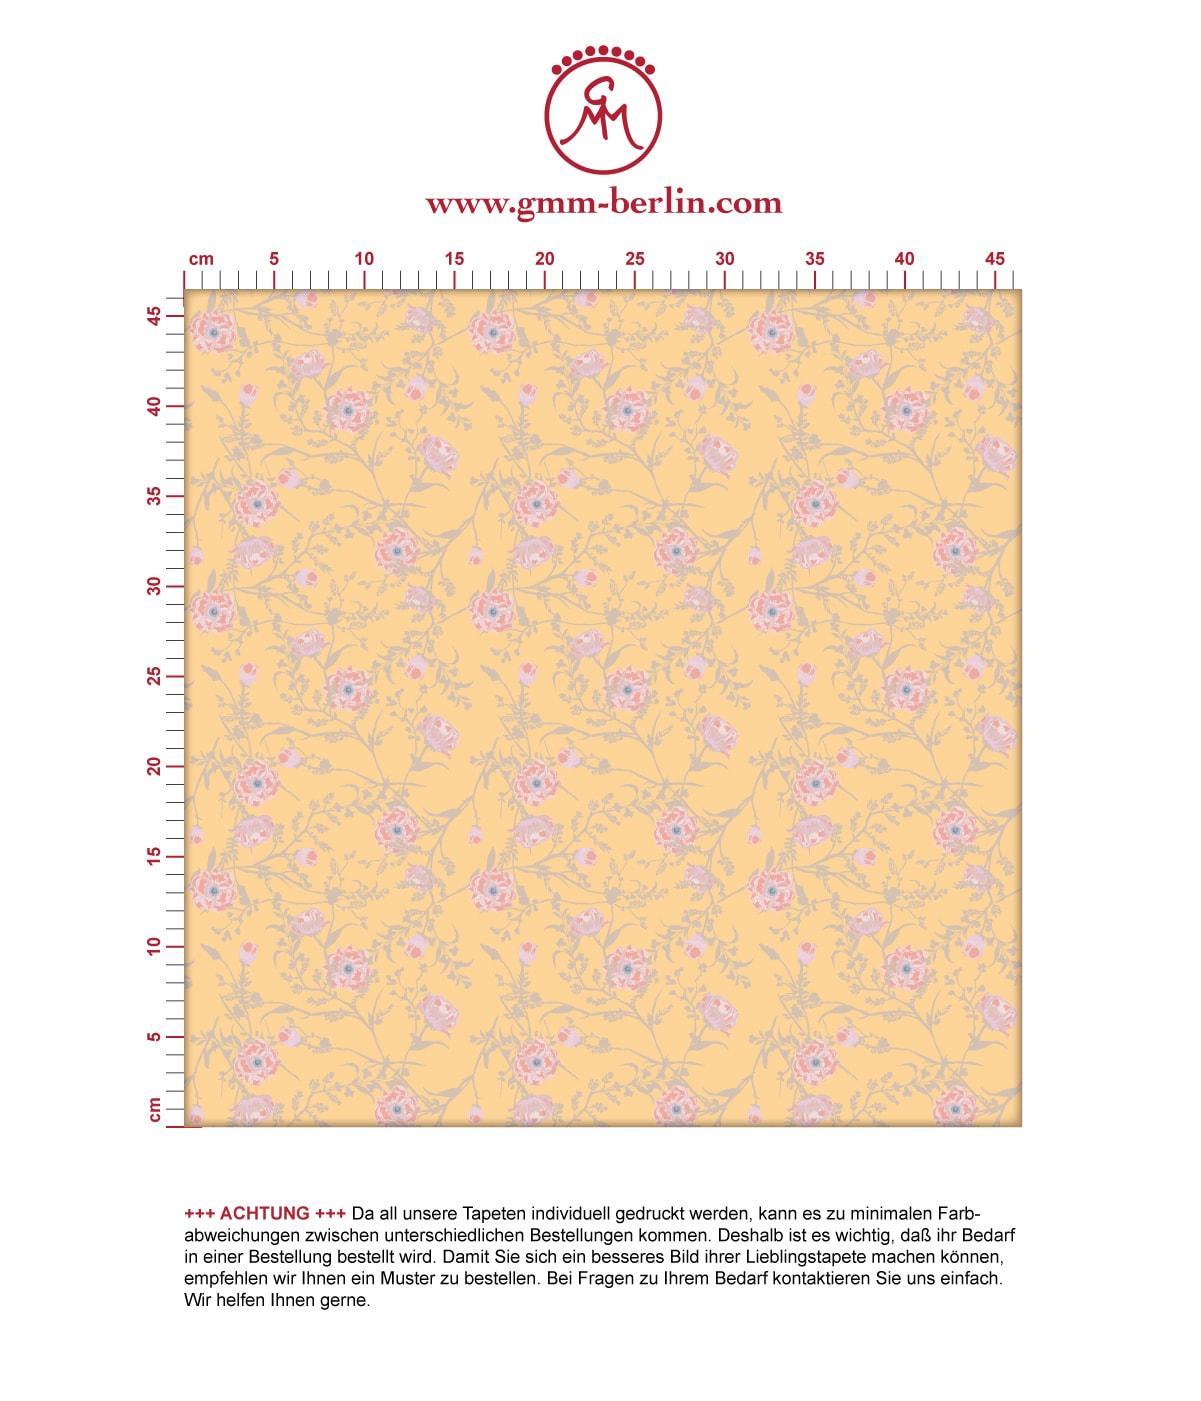 Printemps Blumentapete mit zarten Ranken in gelb - Nostalgietapete für Flur, Büro. Aus dem GMM-BERLIN.com Sortiment: Schöne Tapeten in der Farbe: gelb